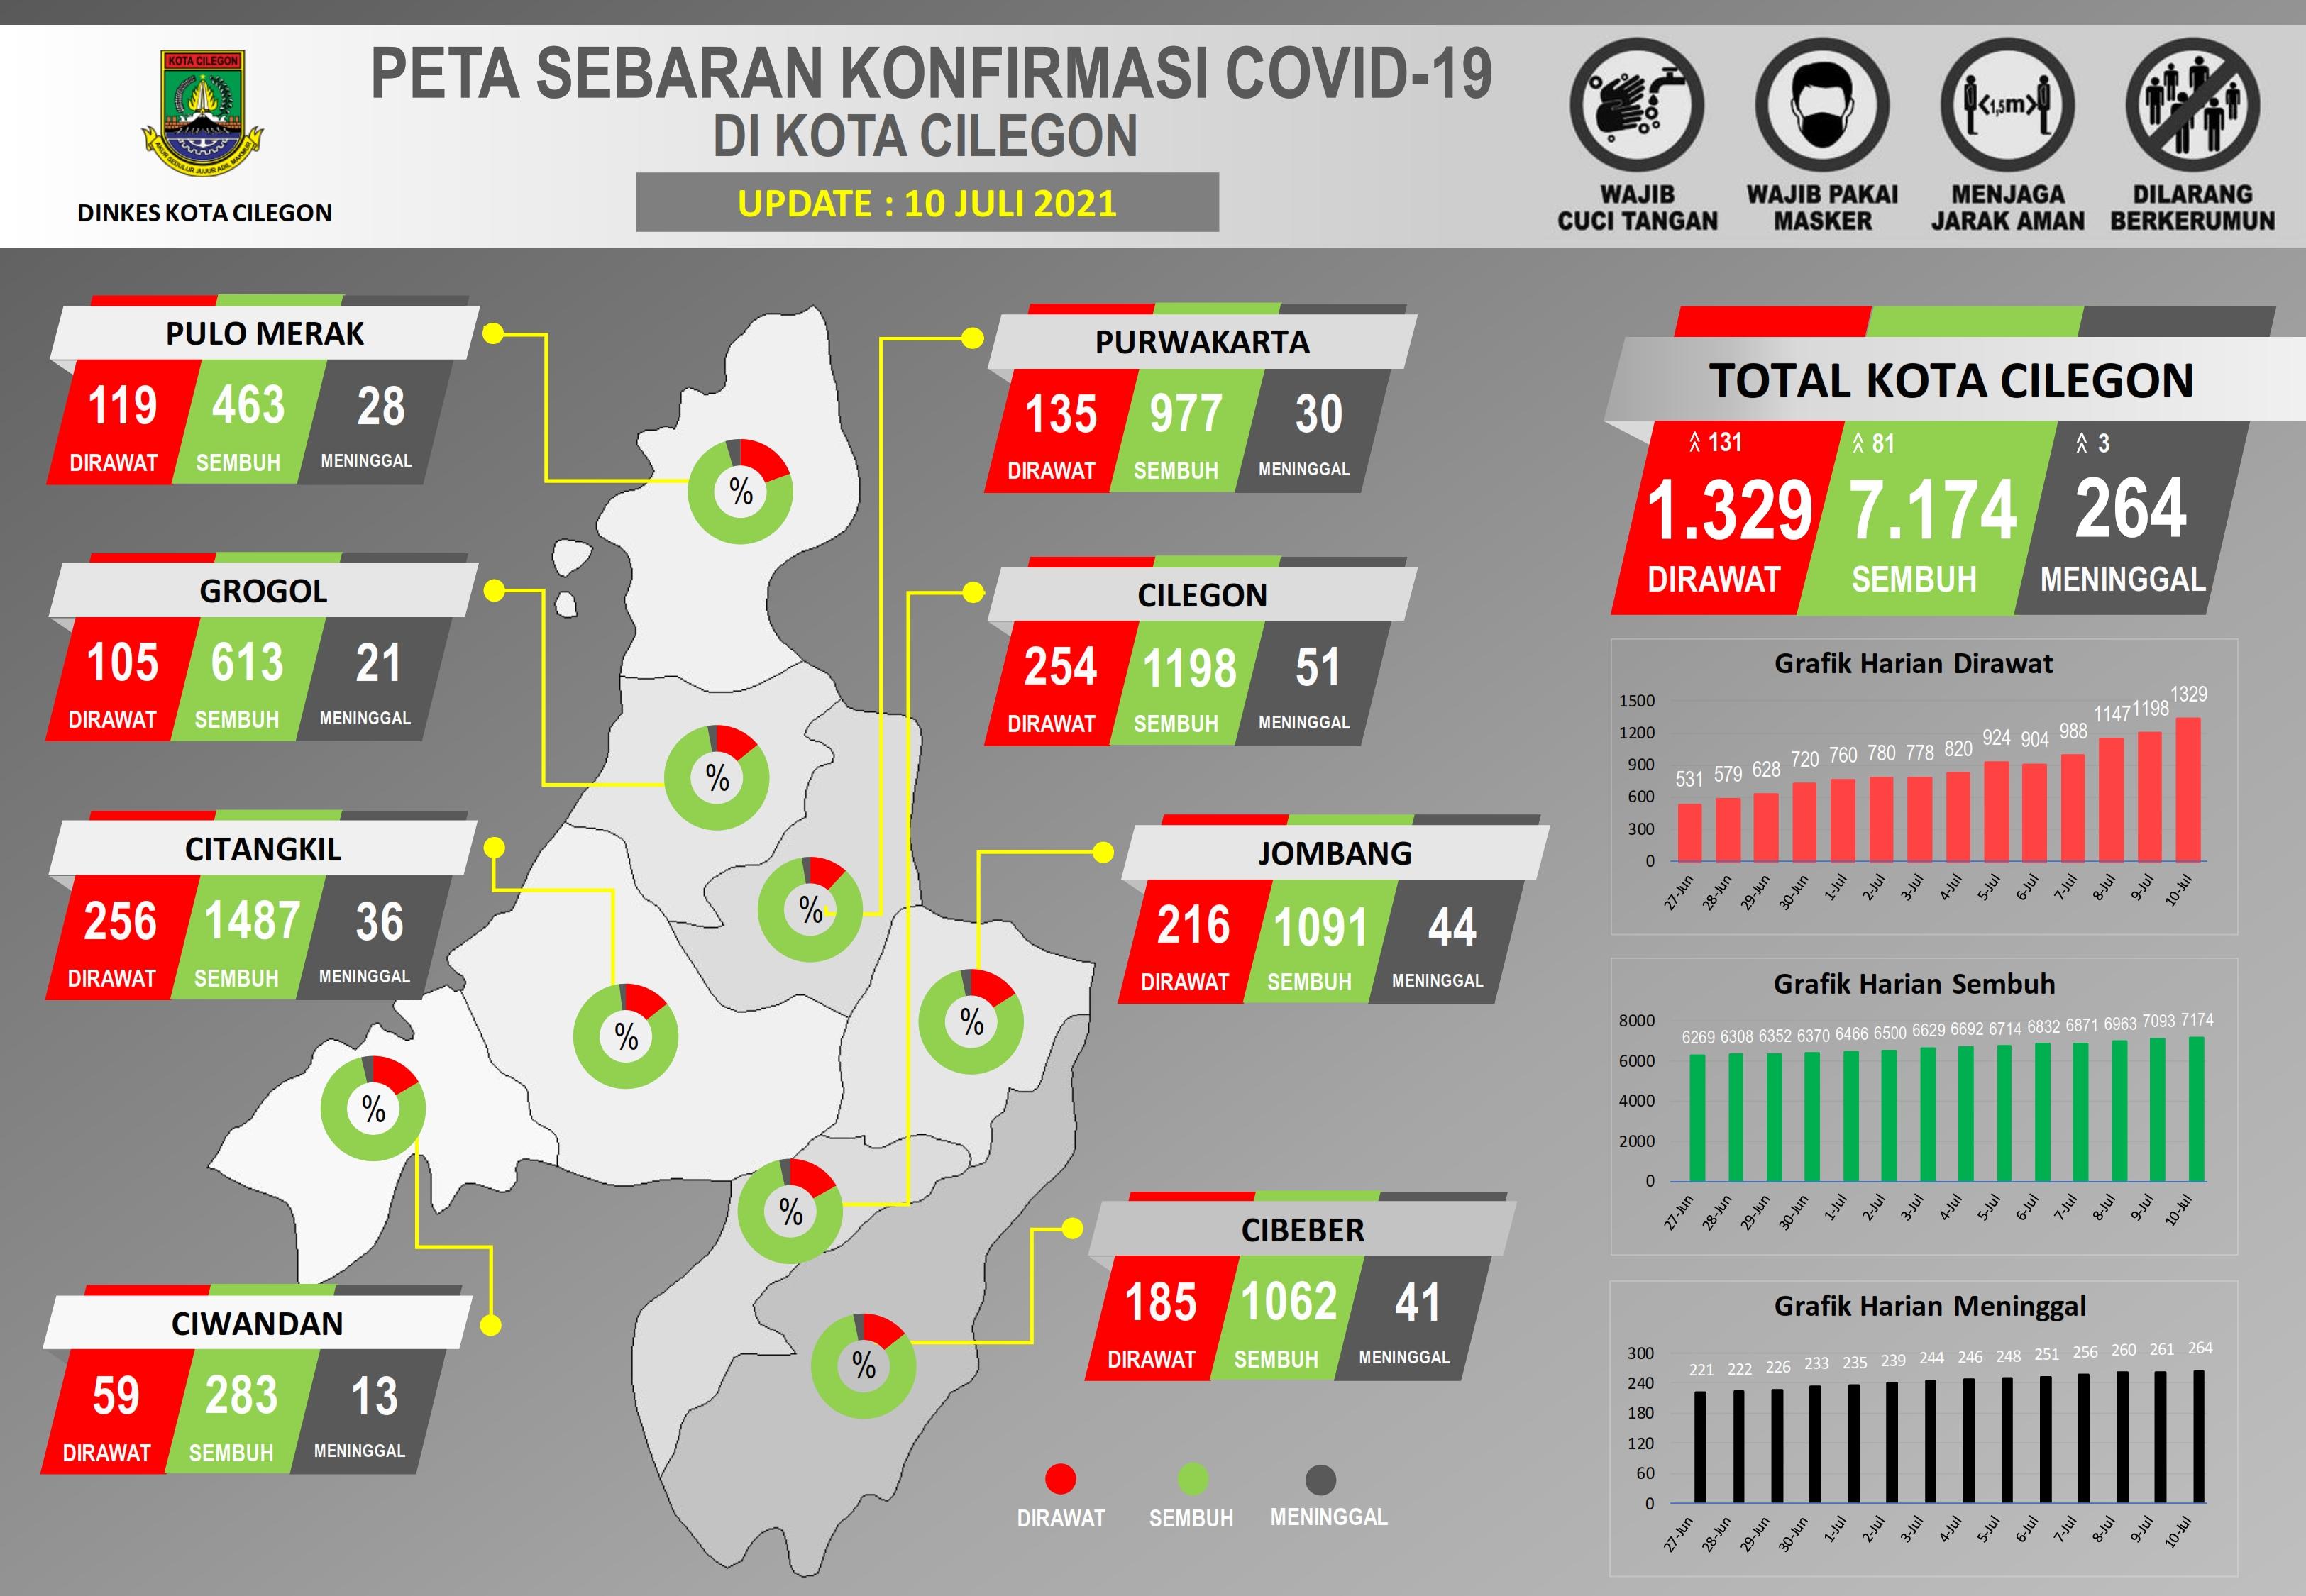 UPDATE-10-07-2021-PETA-SEBARAN-COVID-19